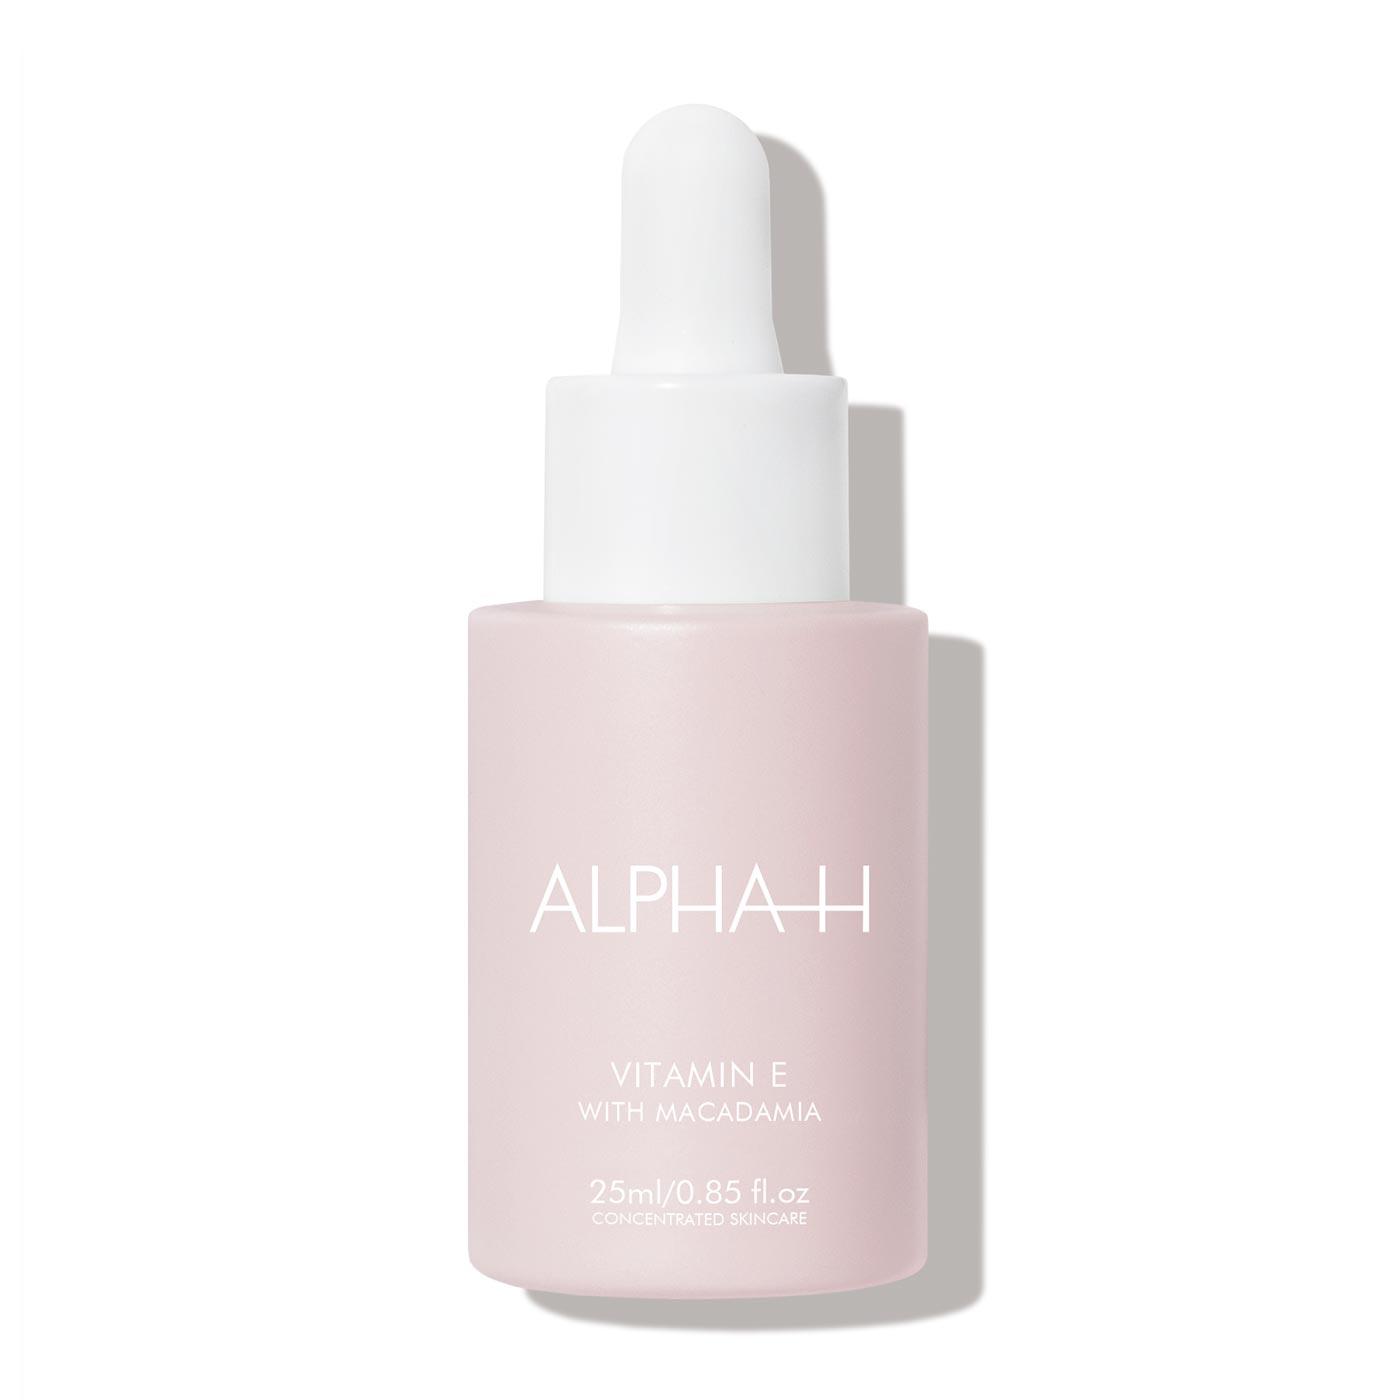 Alpha H Vitamin E